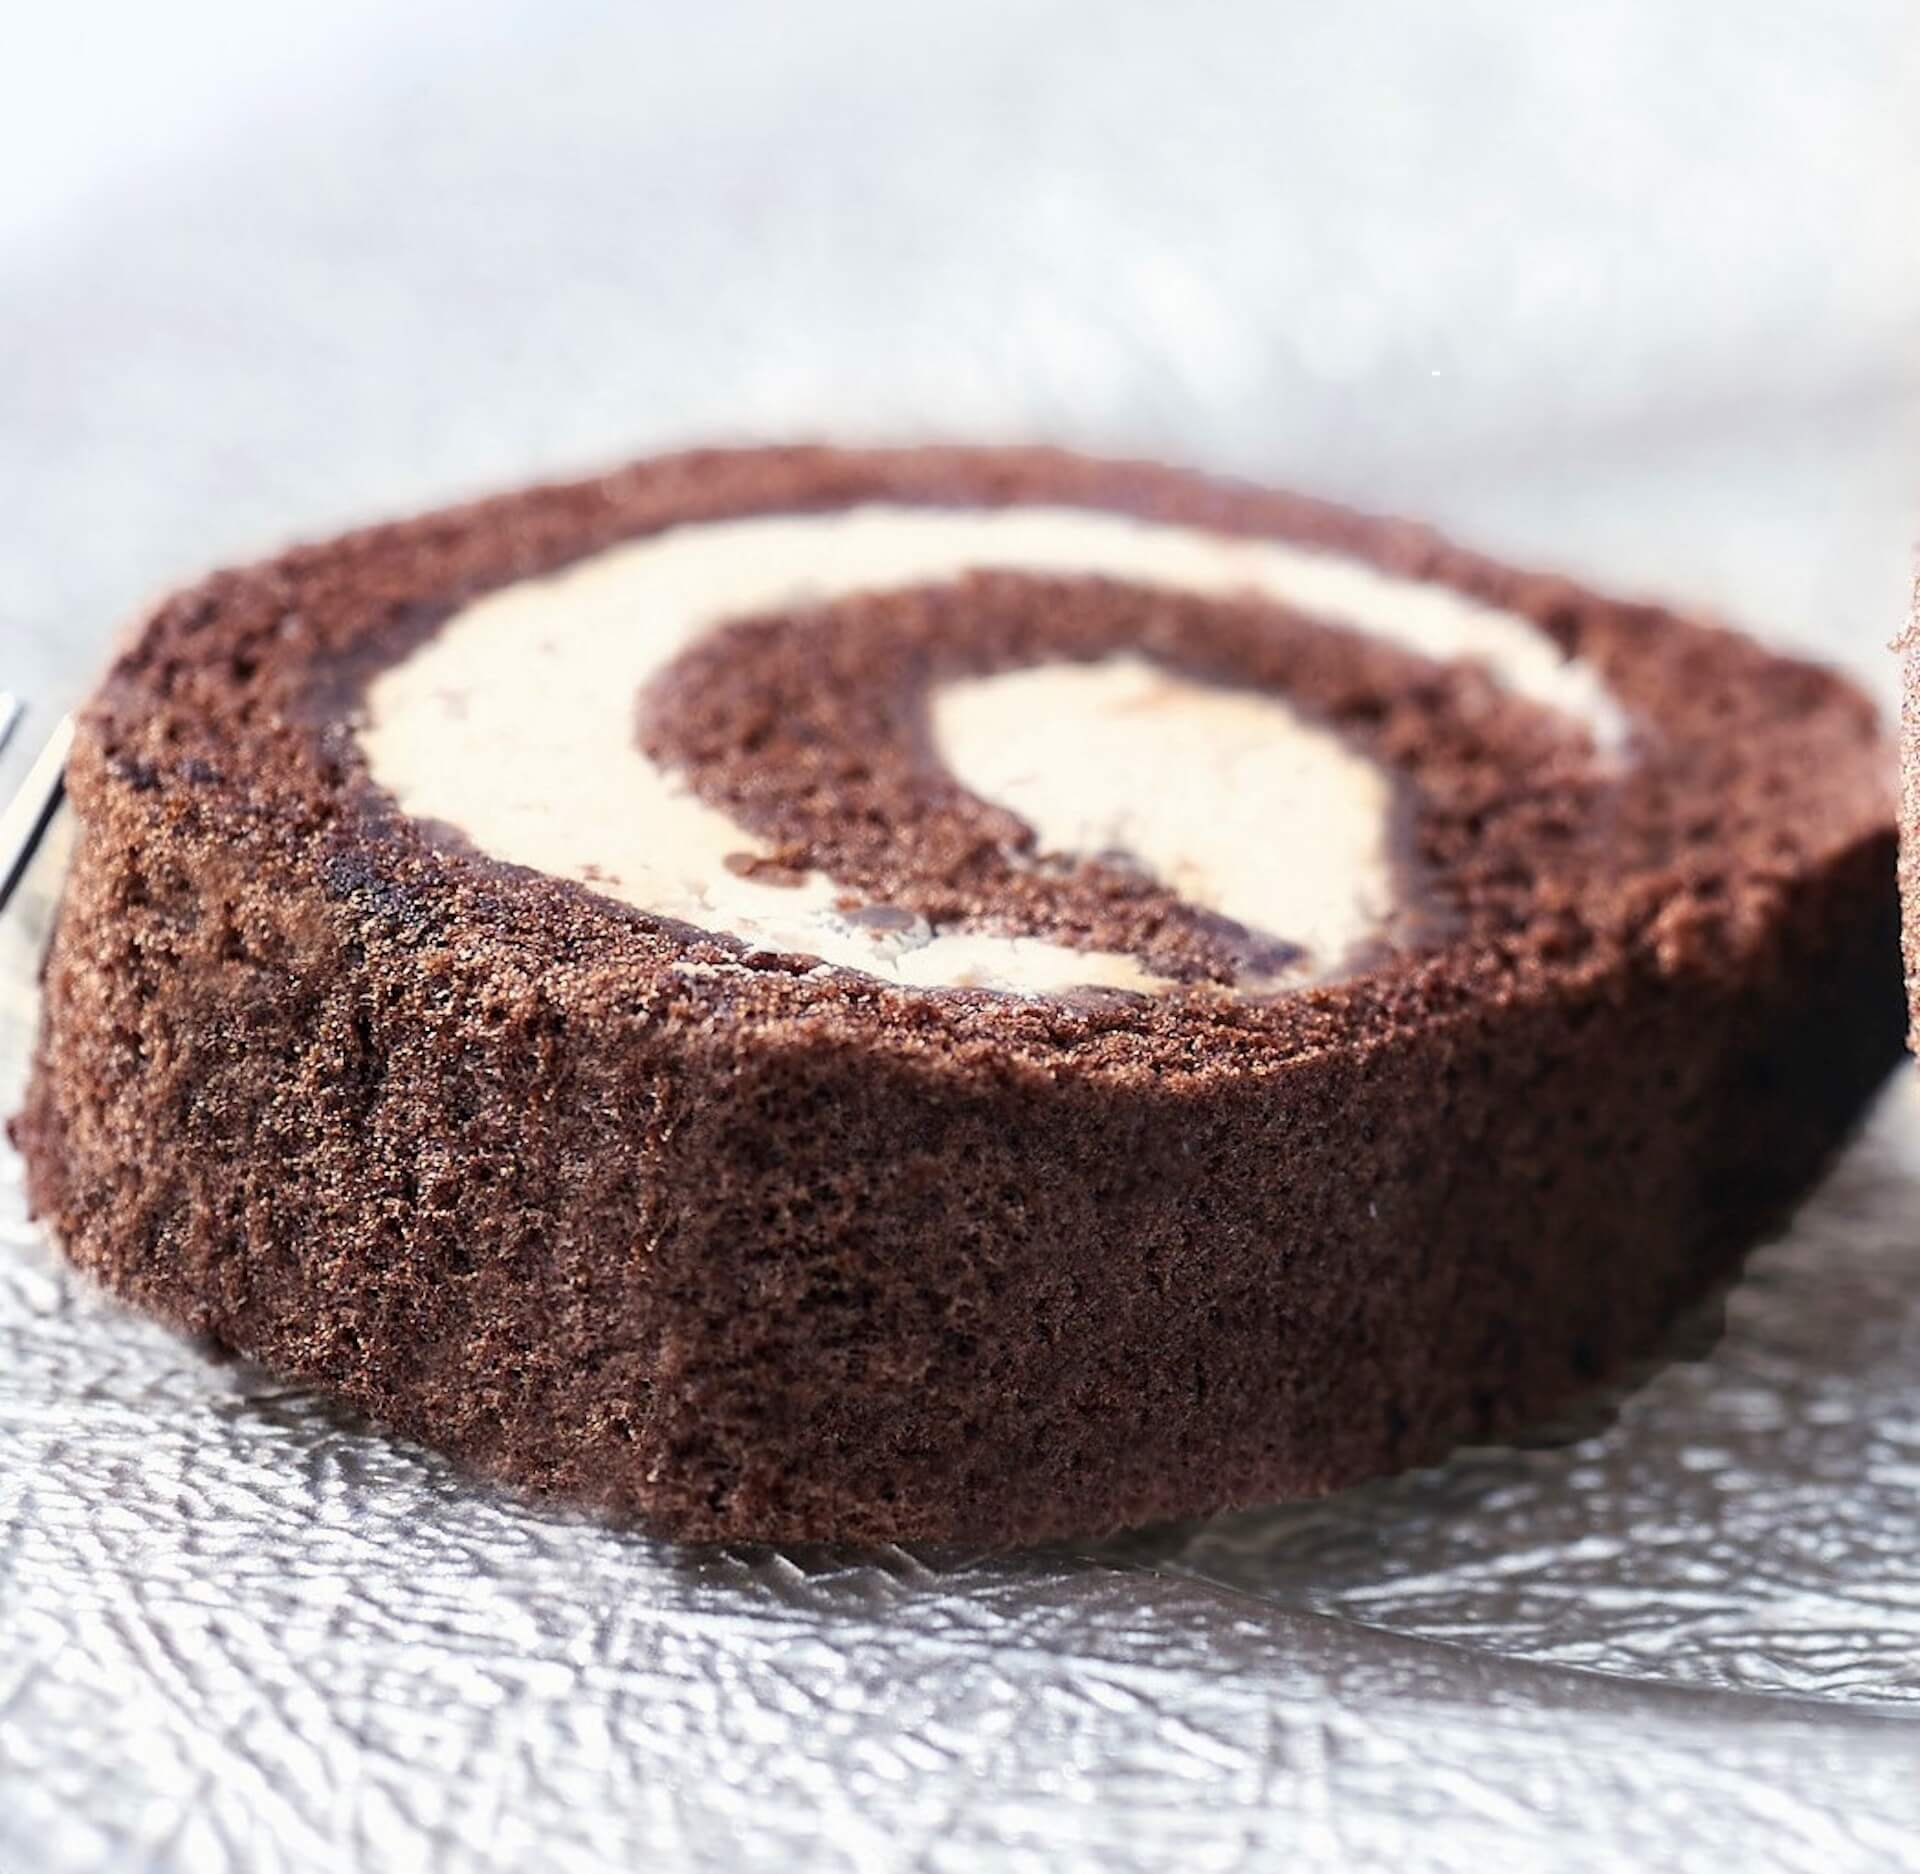 チョコアイスのような食感も楽しめるカファレルの『ジャンドゥーヤロールケーキ』がオンラインで期間・数量限定で登場! gourmet200624_caffarel_rollcake_04